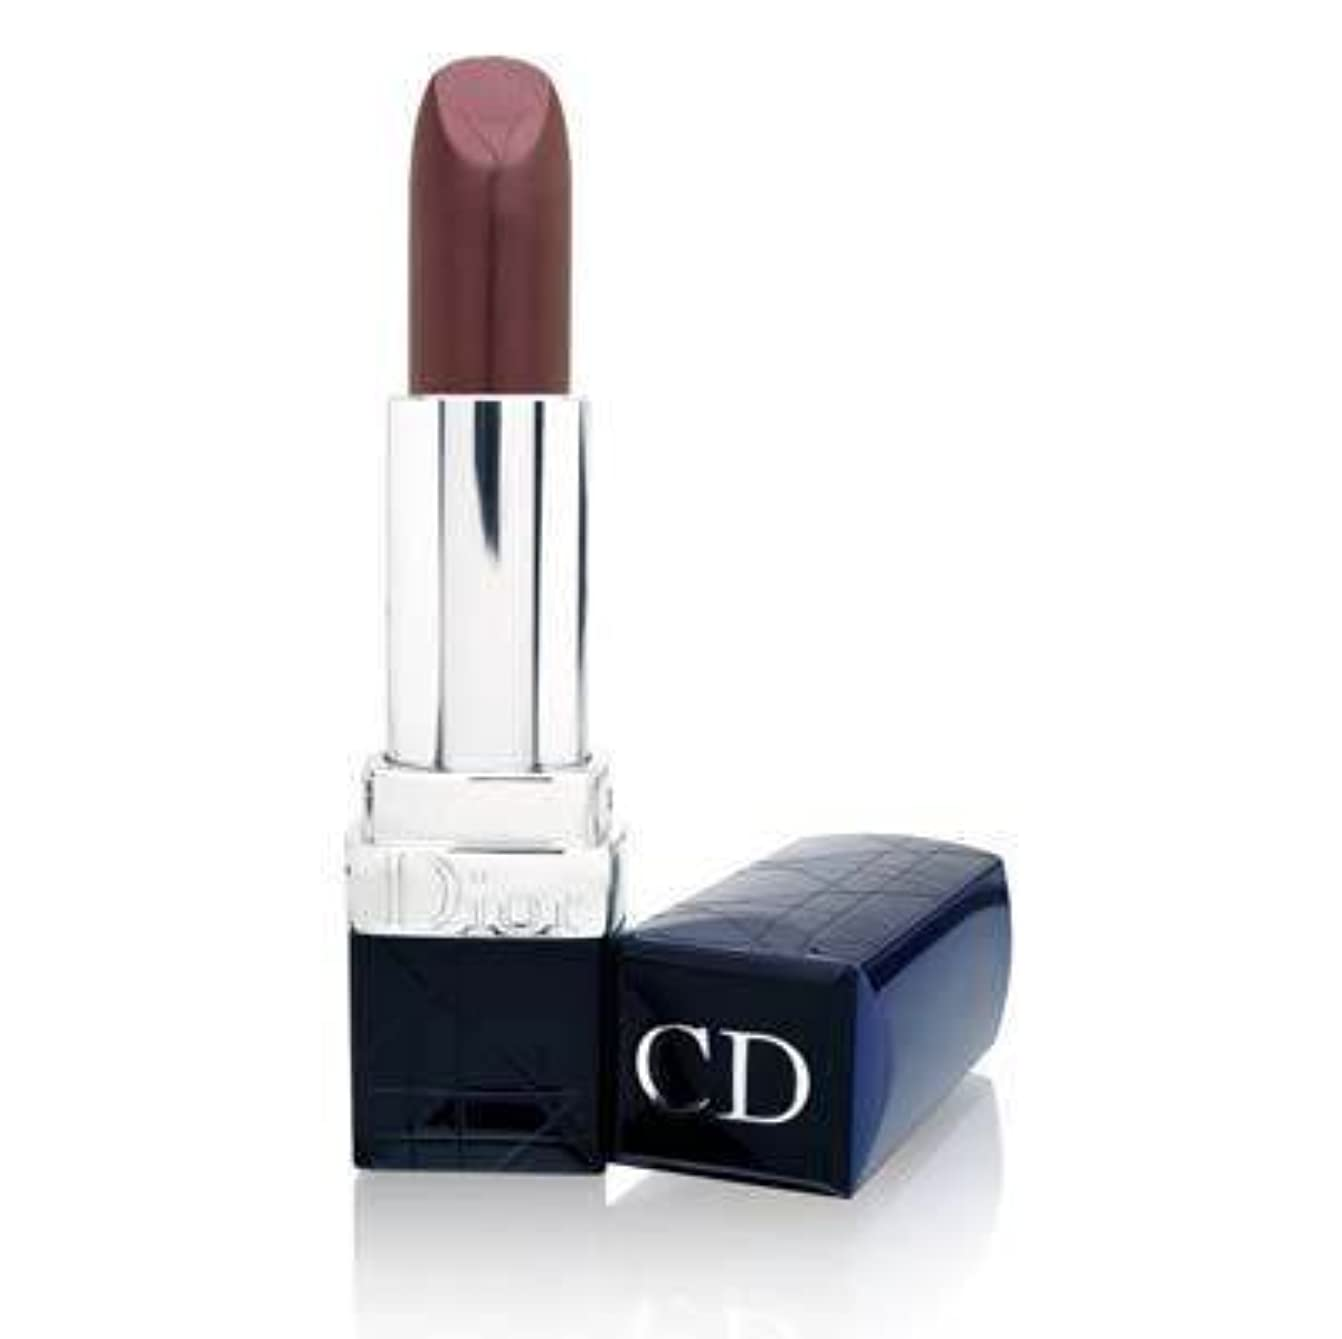 子猫始まりベアリングRouge Dior Replenishing Lipstick 966 Purple Sultan Satin(ルージュディオール リプレニッシング リップスティック 966 パープル スルタン サテン)[海外直送品] [並行輸入品]